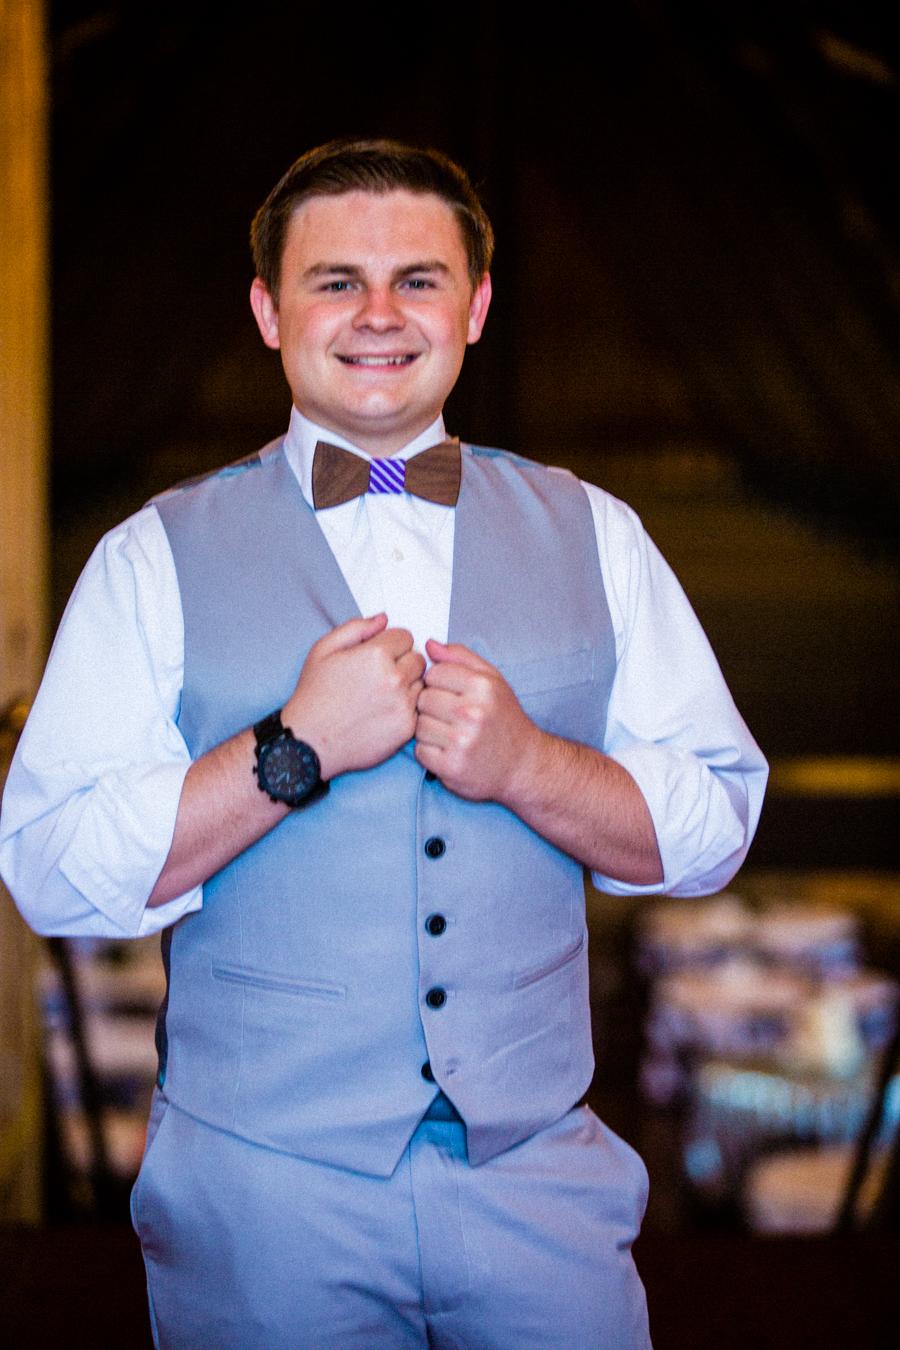 Edmond-wedding-photographer-22.jpg